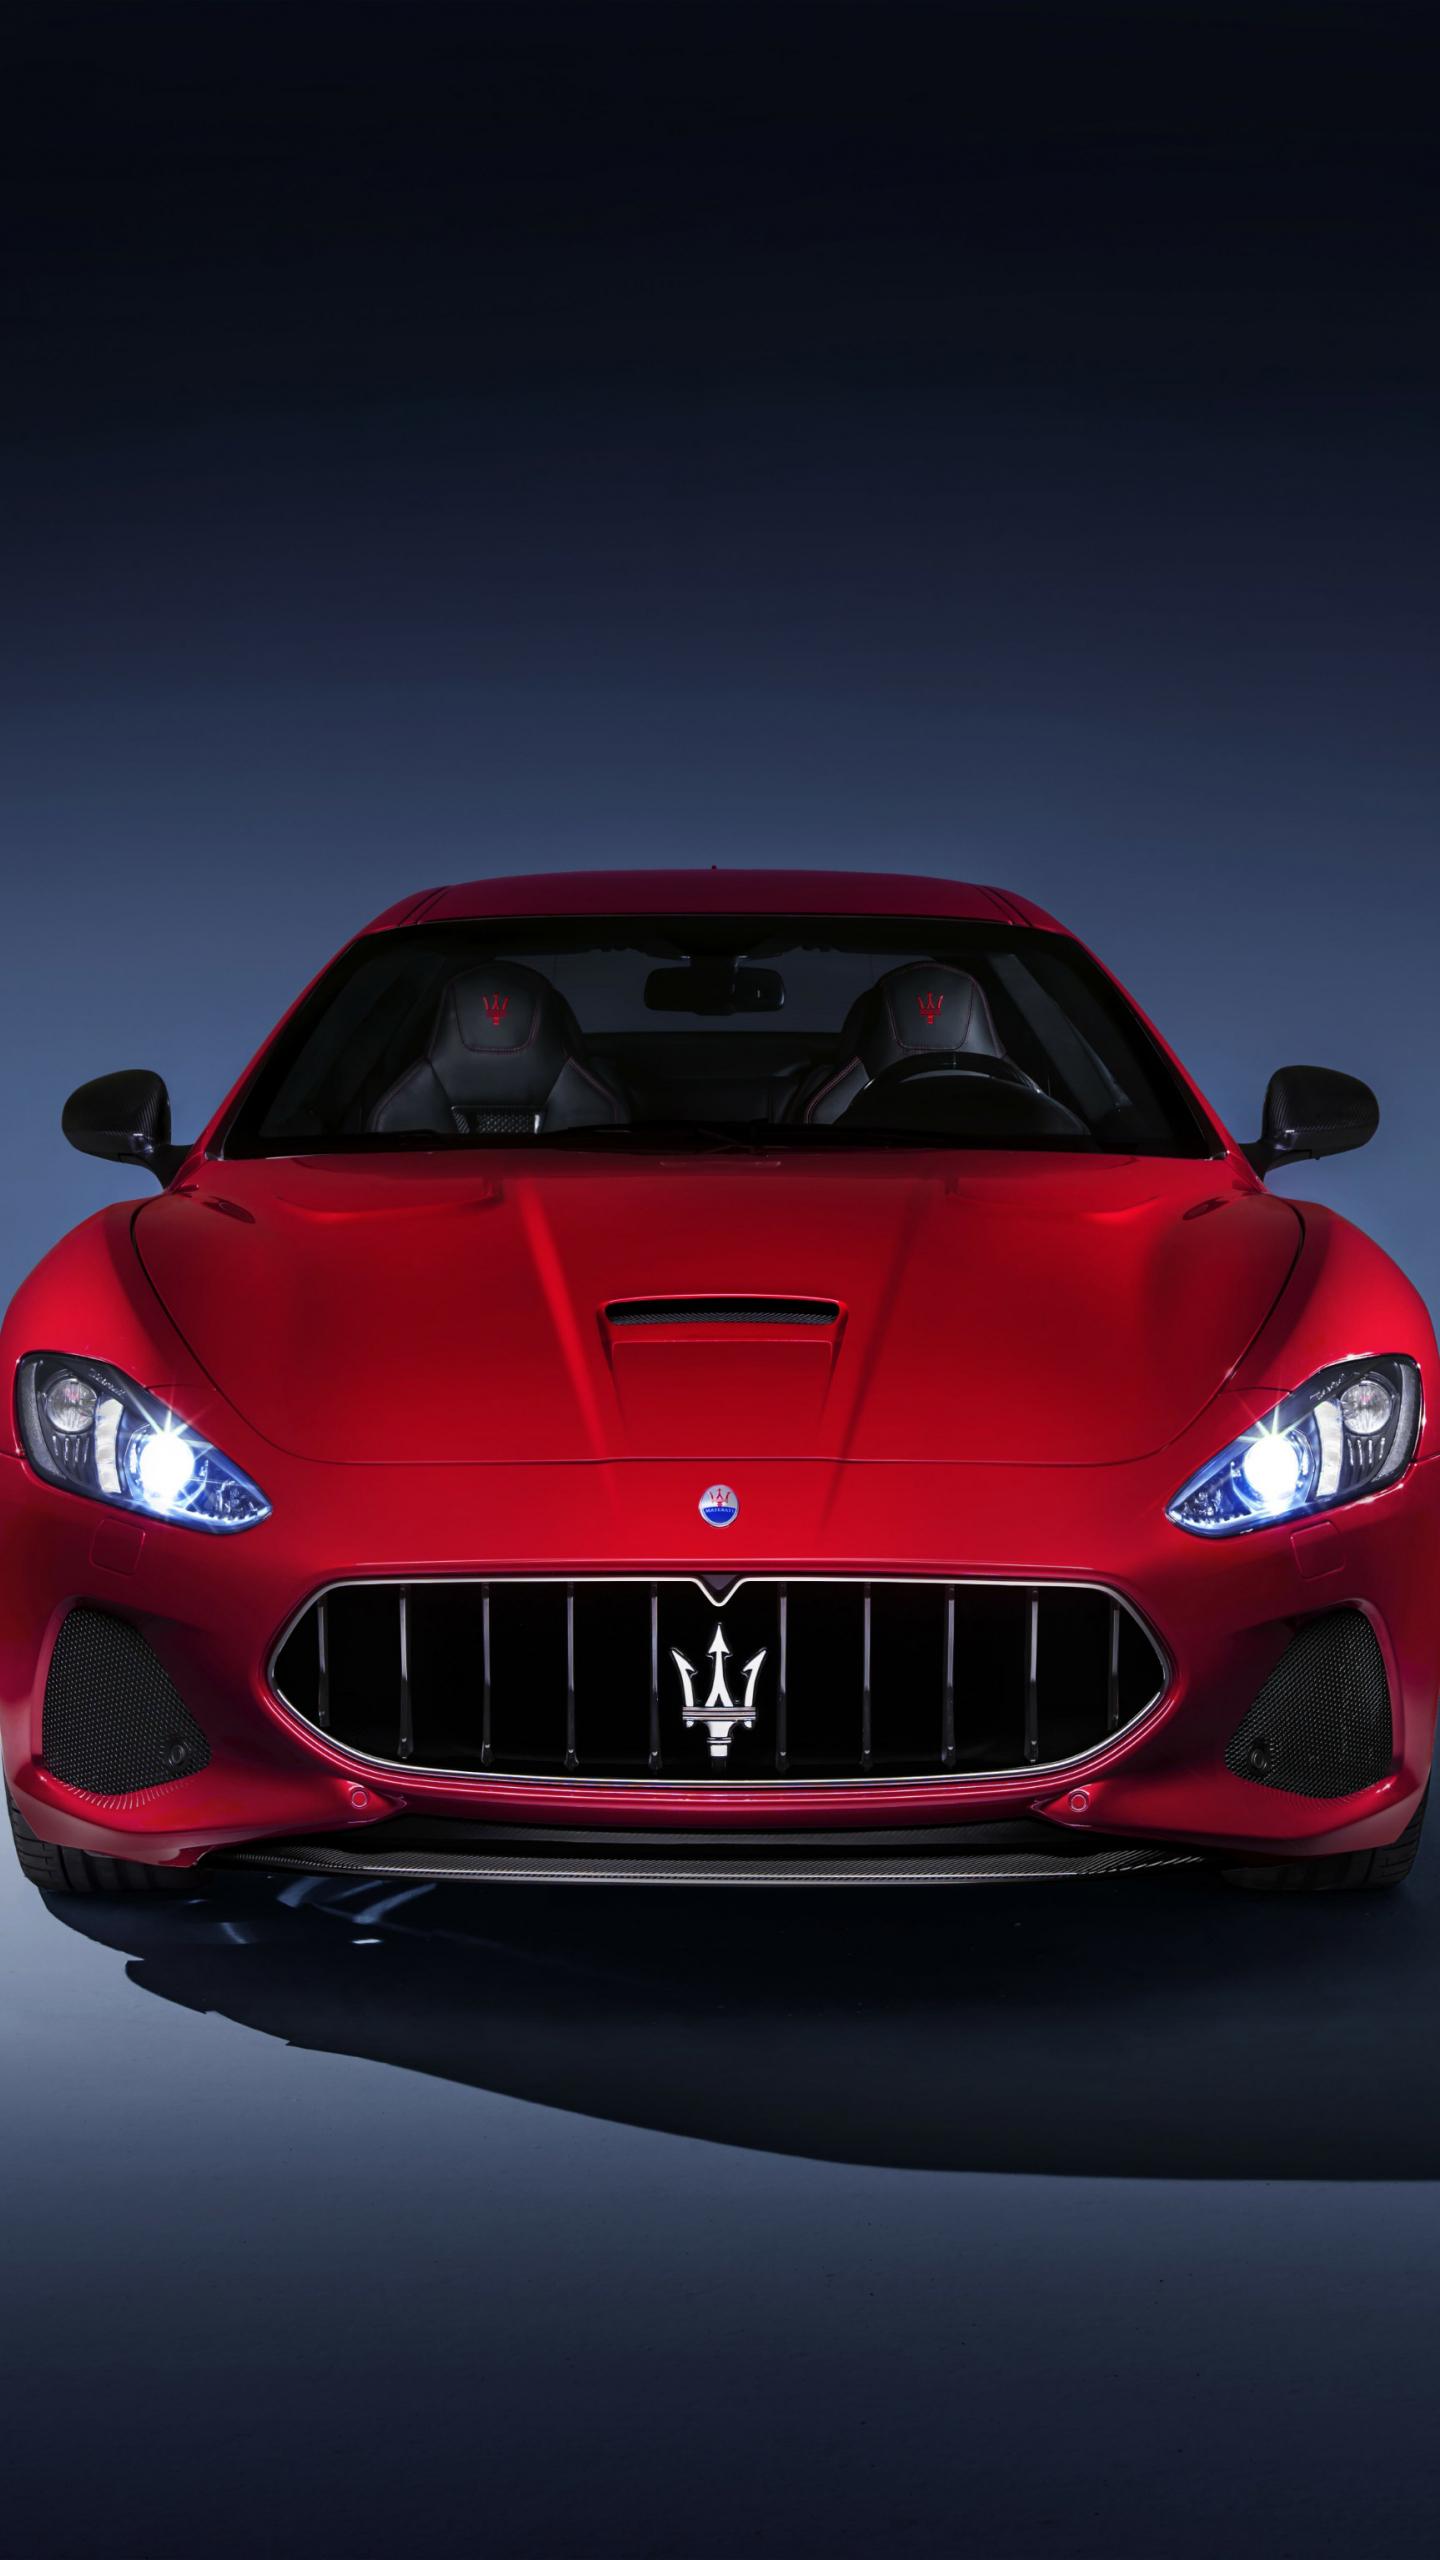 Download 1440x2560 Wallpaper Maserati Granturismo Sports Car Front